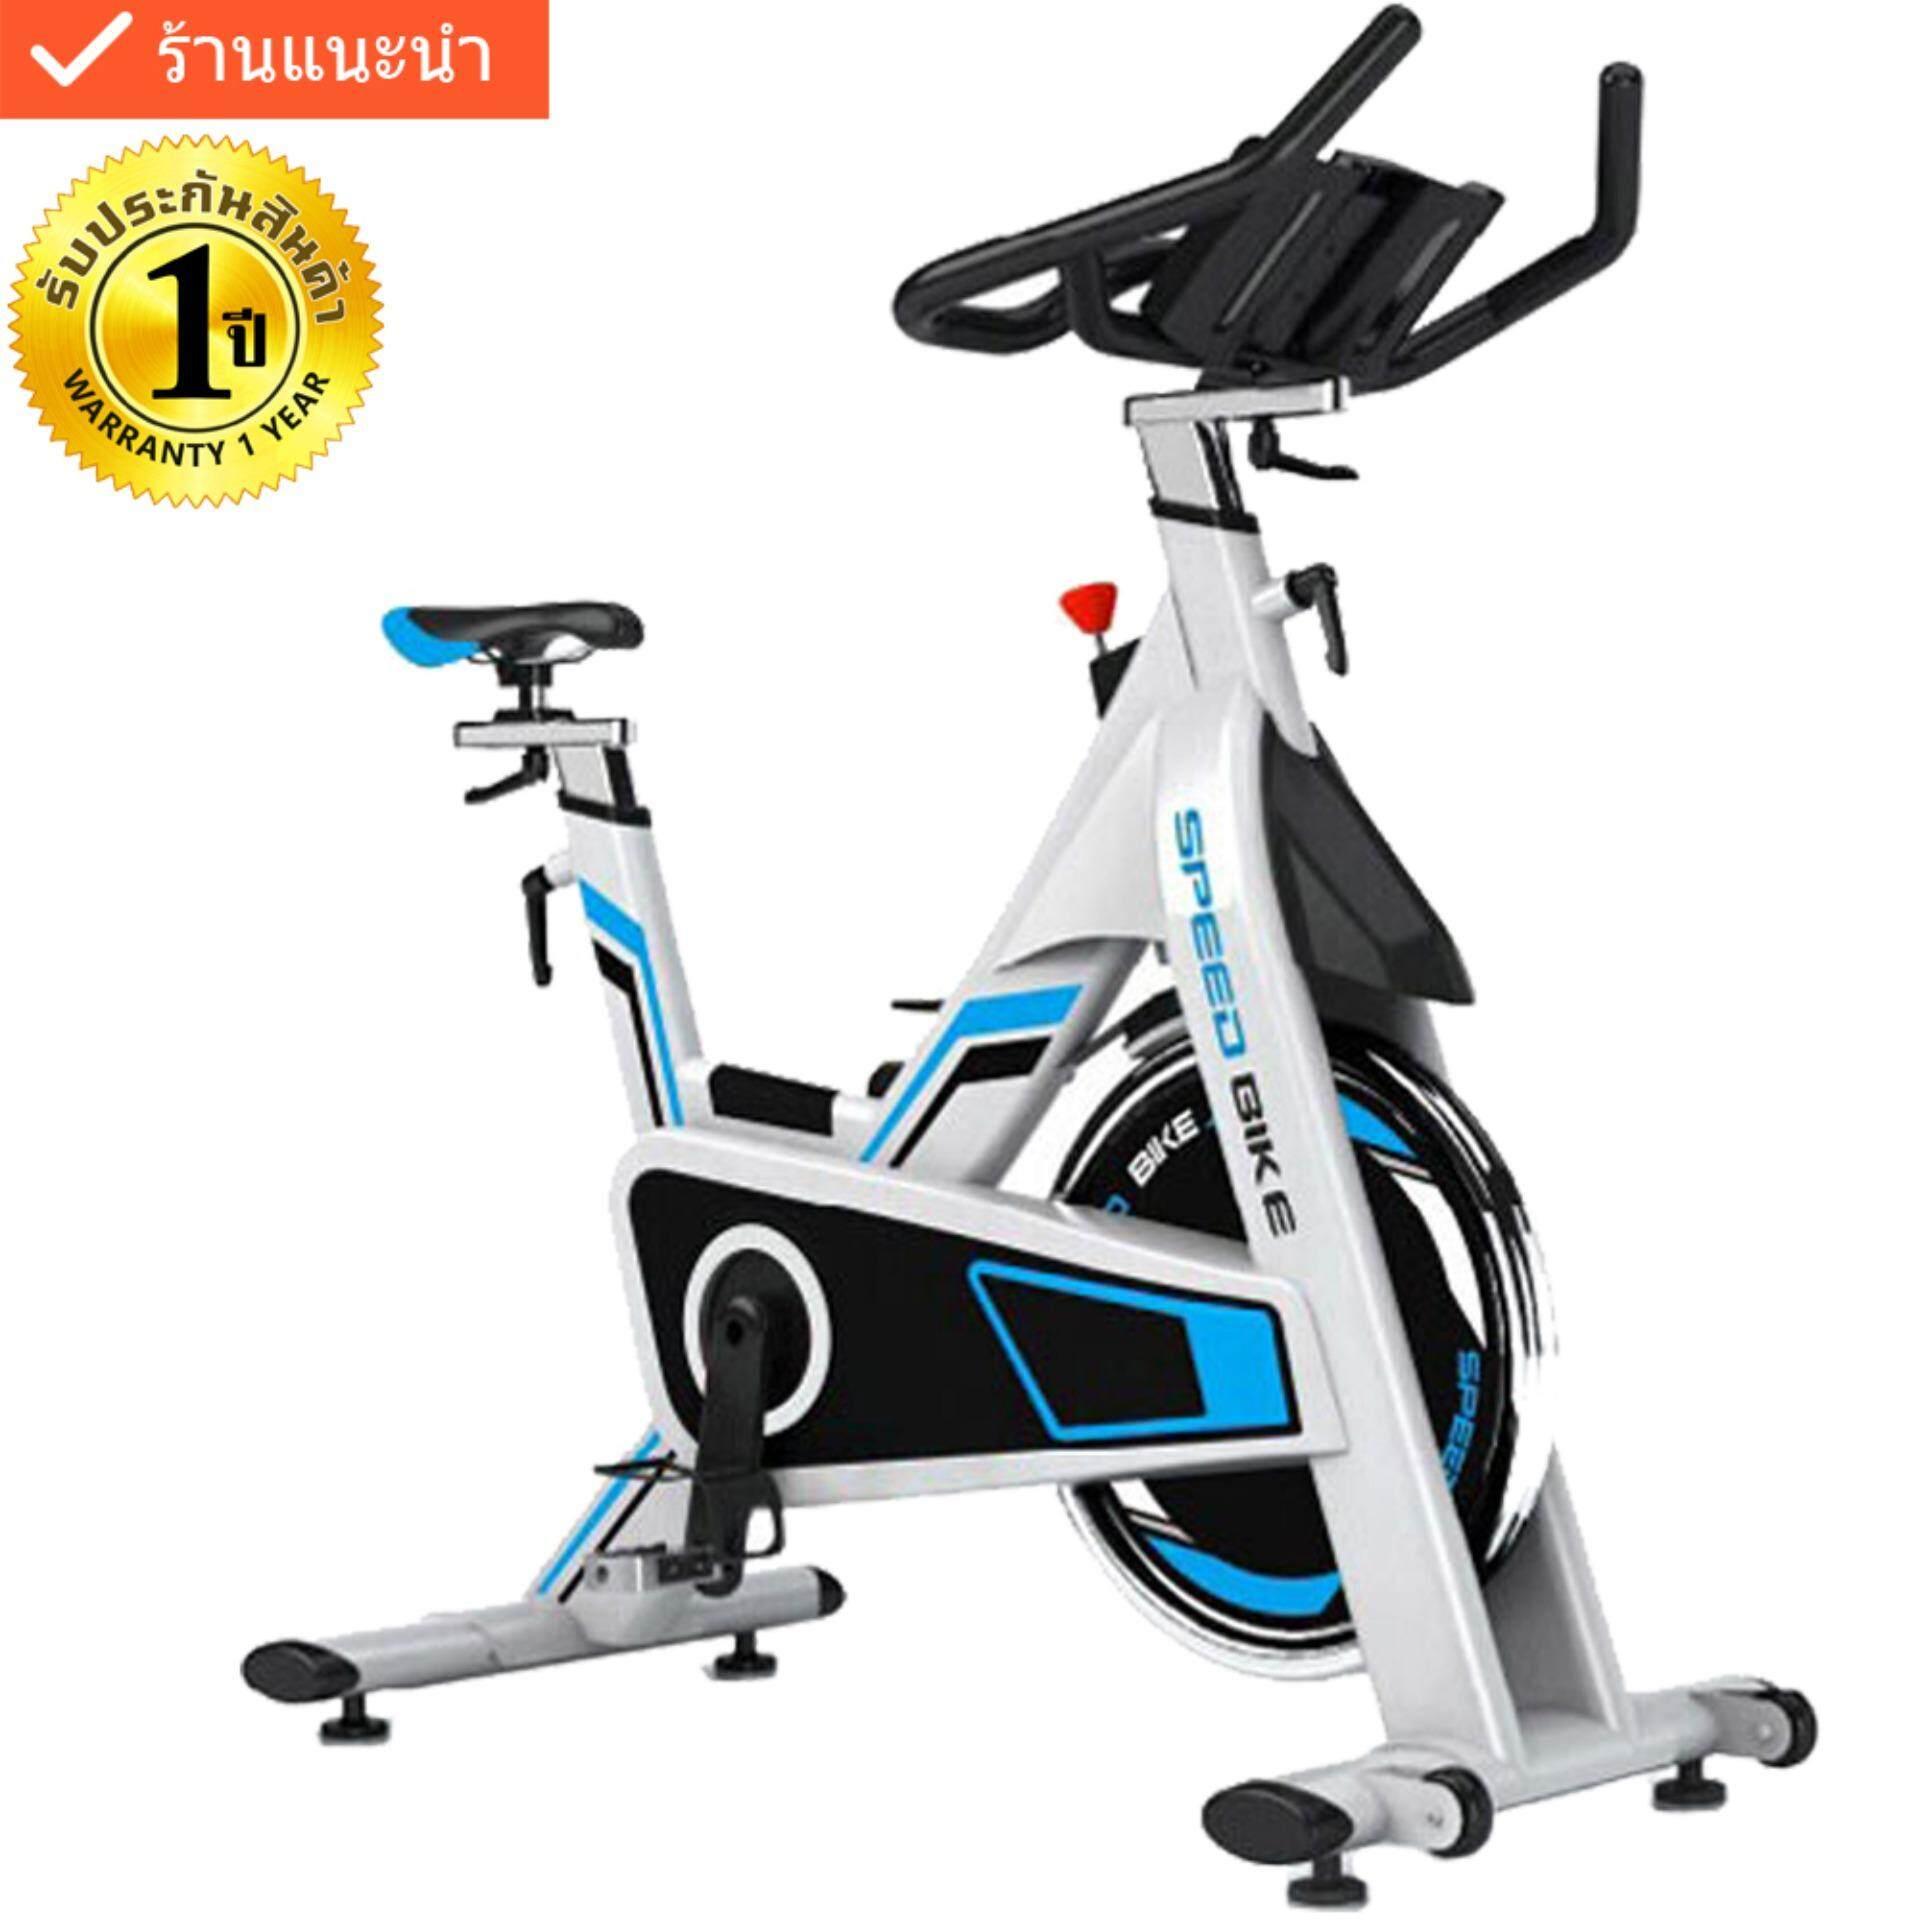 ราคา Power Reform จักรยาน Spin Bike จักรยานฟิตเนส Exercise Bike Spinning Bike Commercial Grade รุ่น Speed Bike สีขาว ใหม่